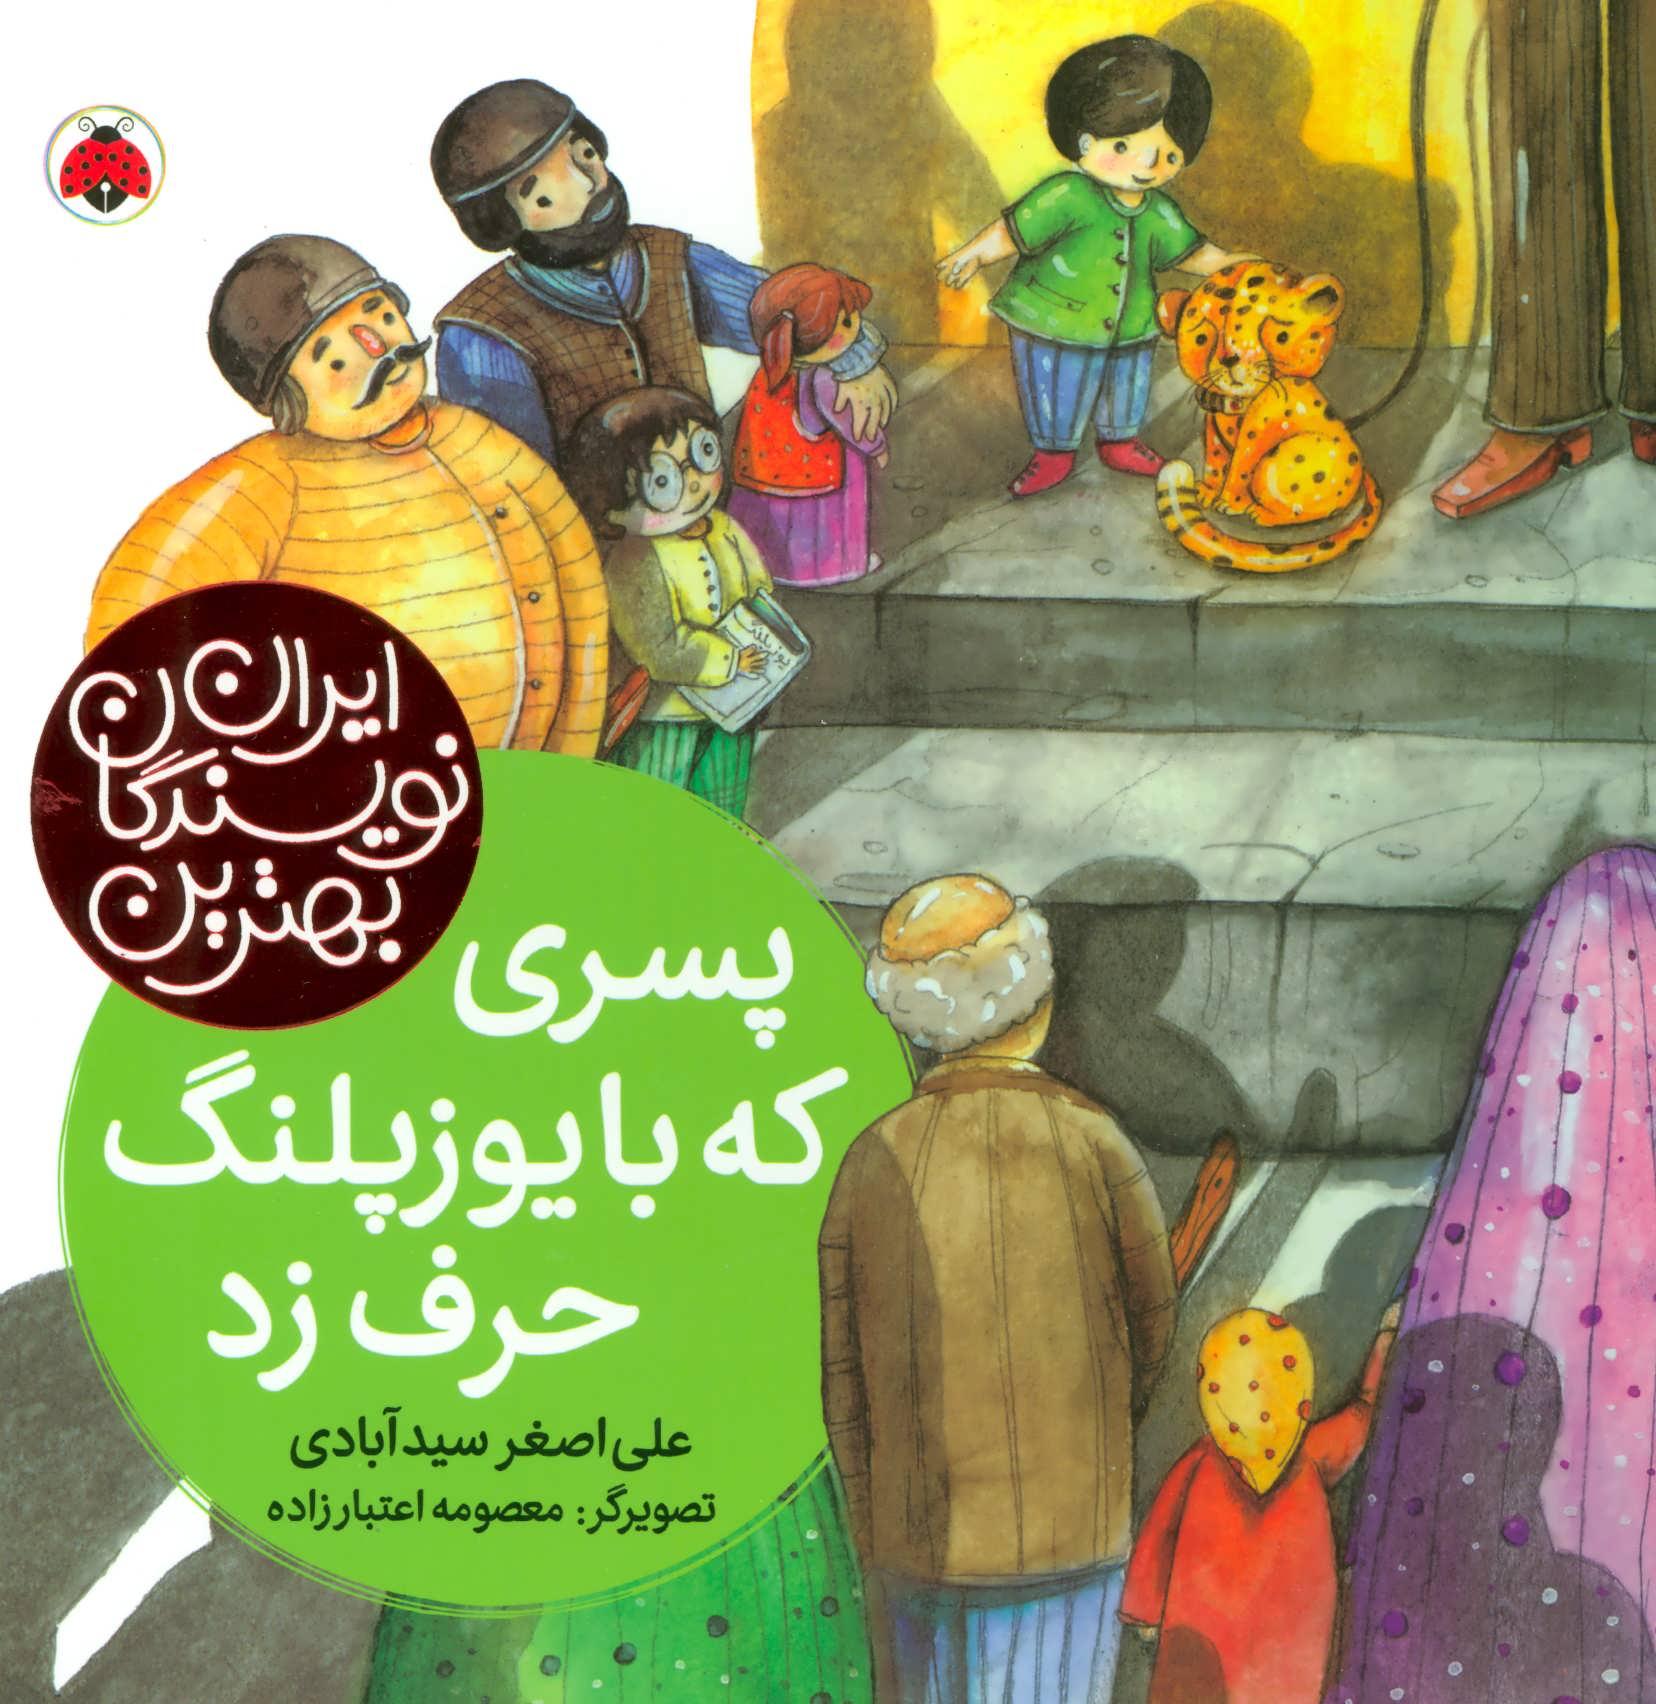 کتاب پسری که با یوزپلنگ حرف زد